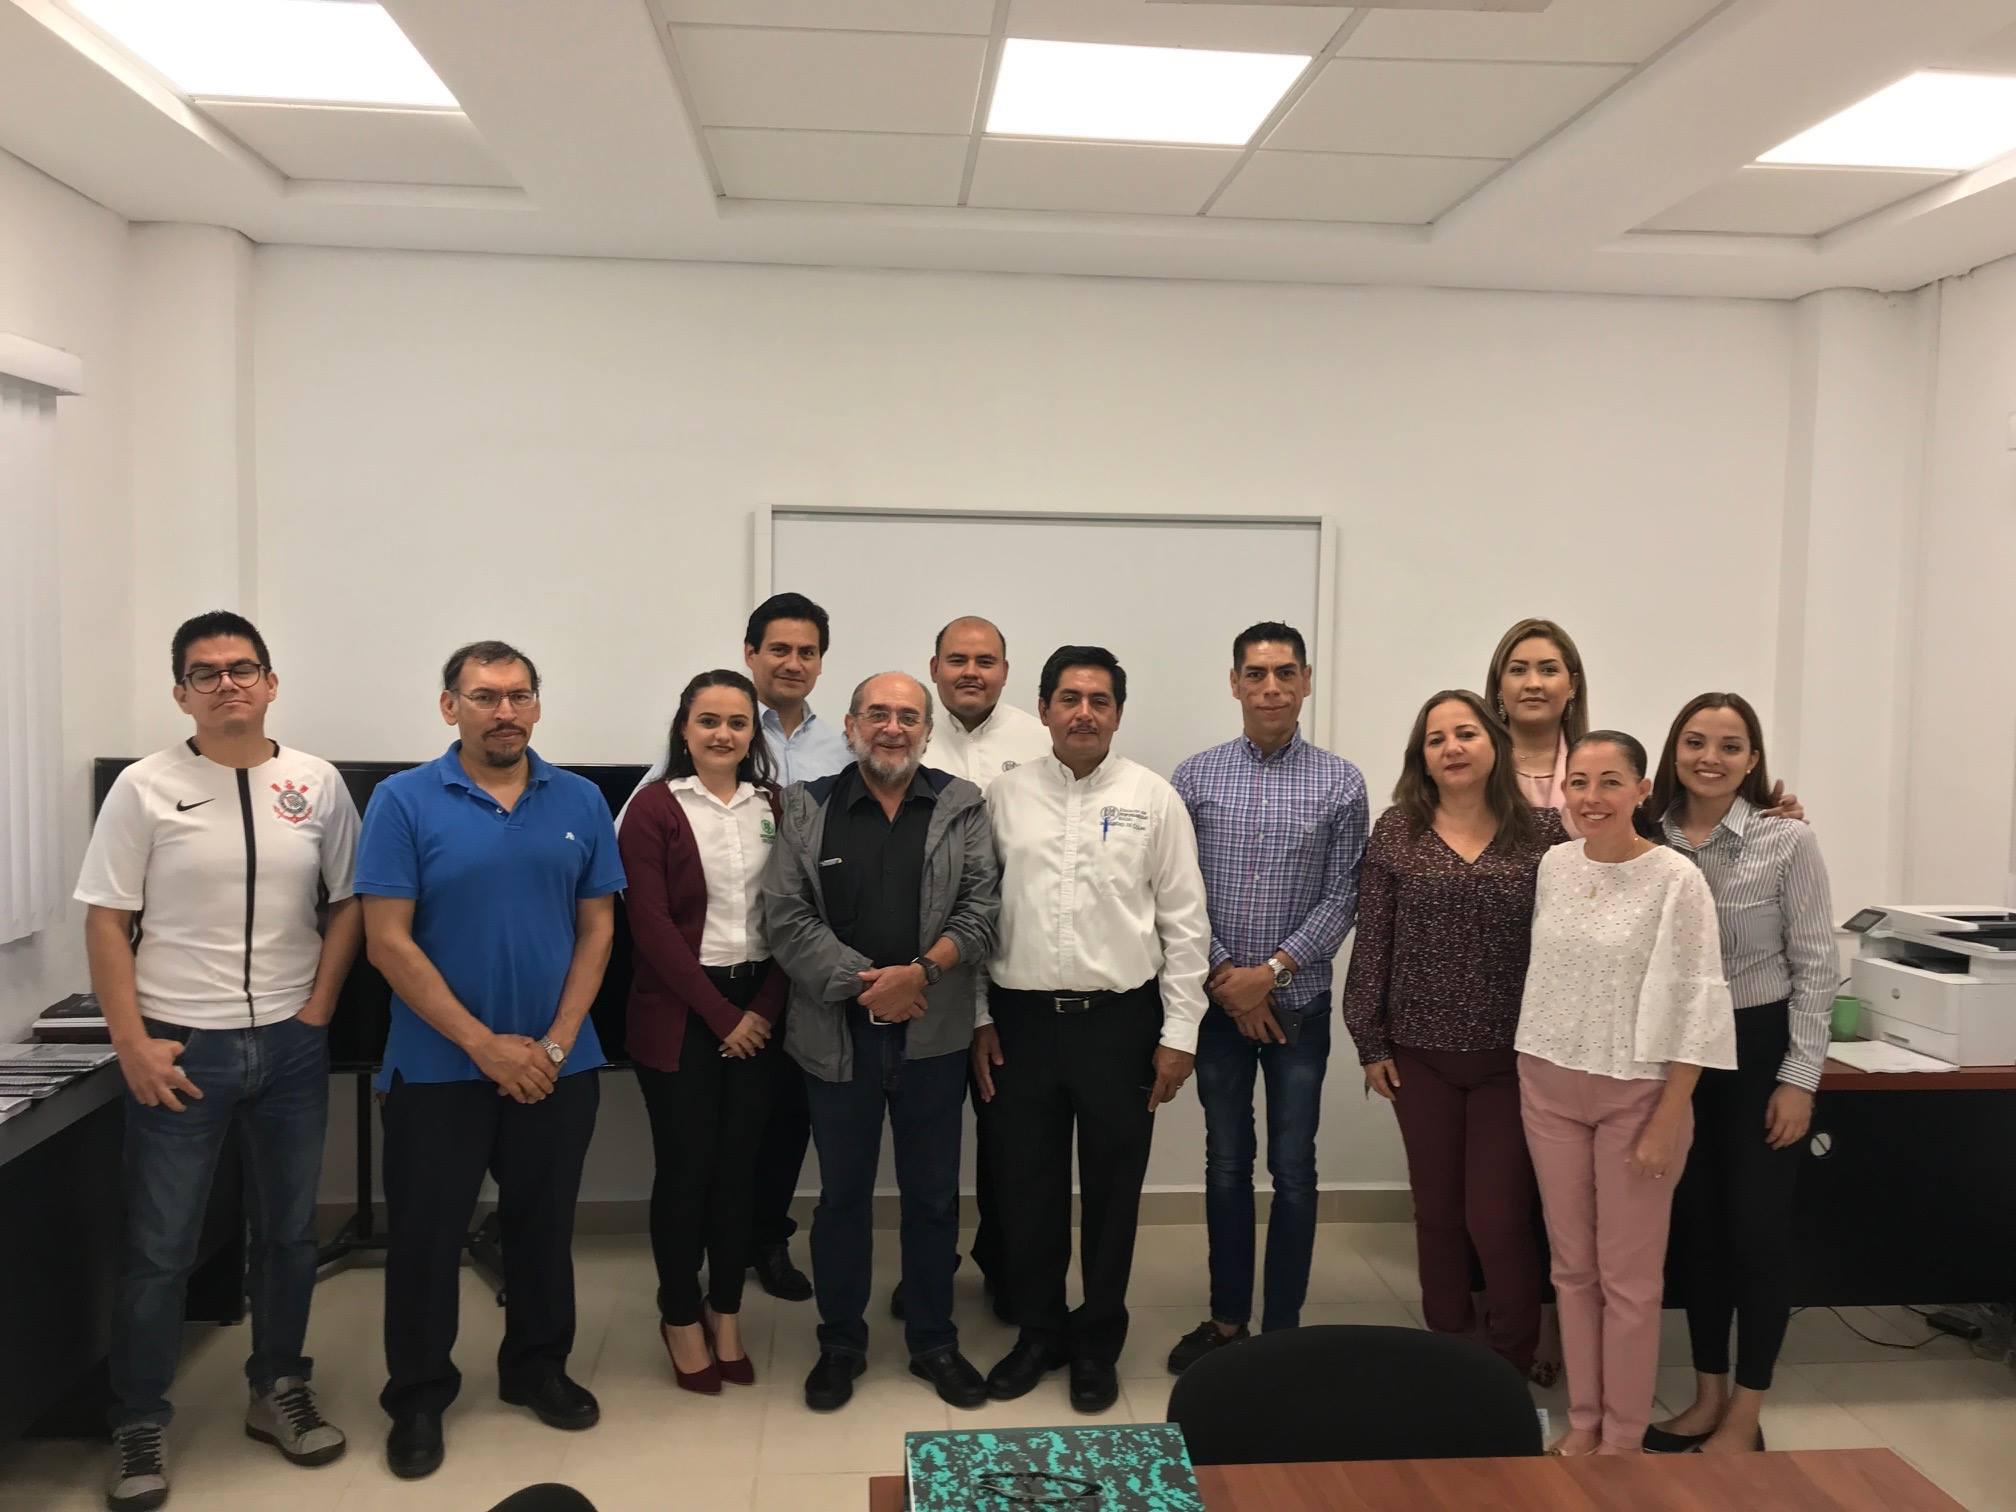 Visita de seguimiento a la Lic. en Pedagogía de la U. de Colima